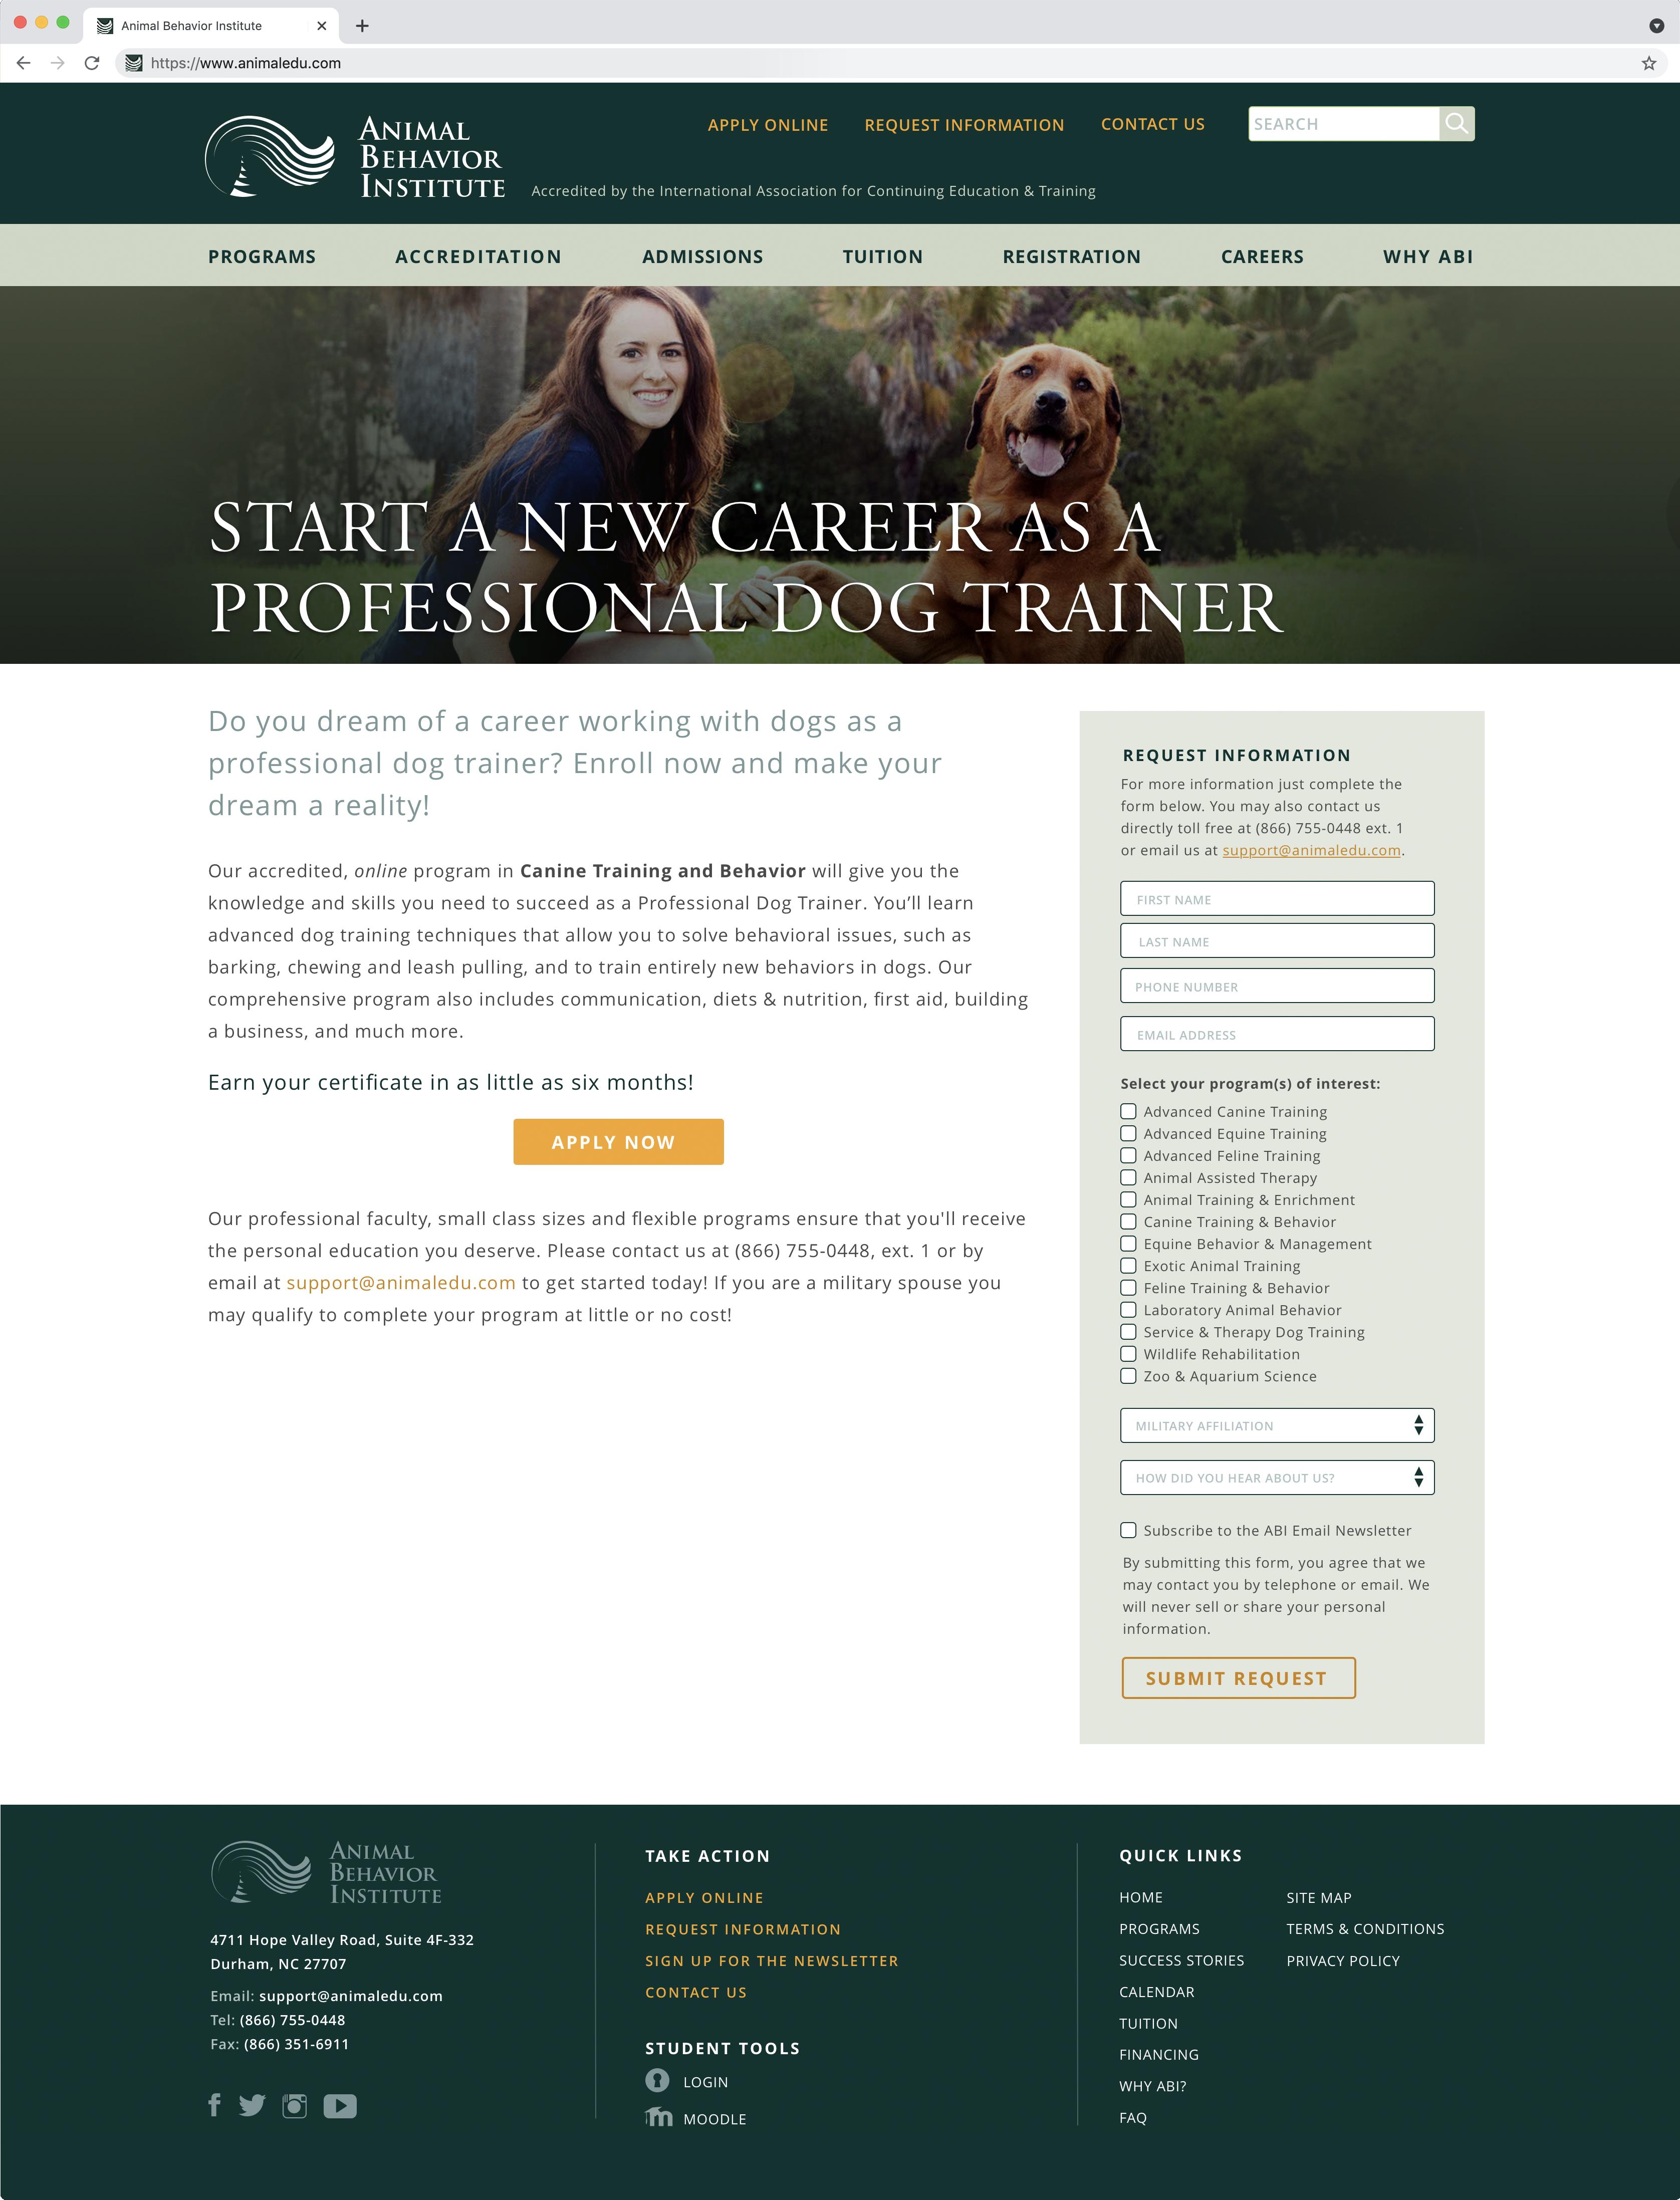 Animal Behavior Institute Professional Dog Trainer